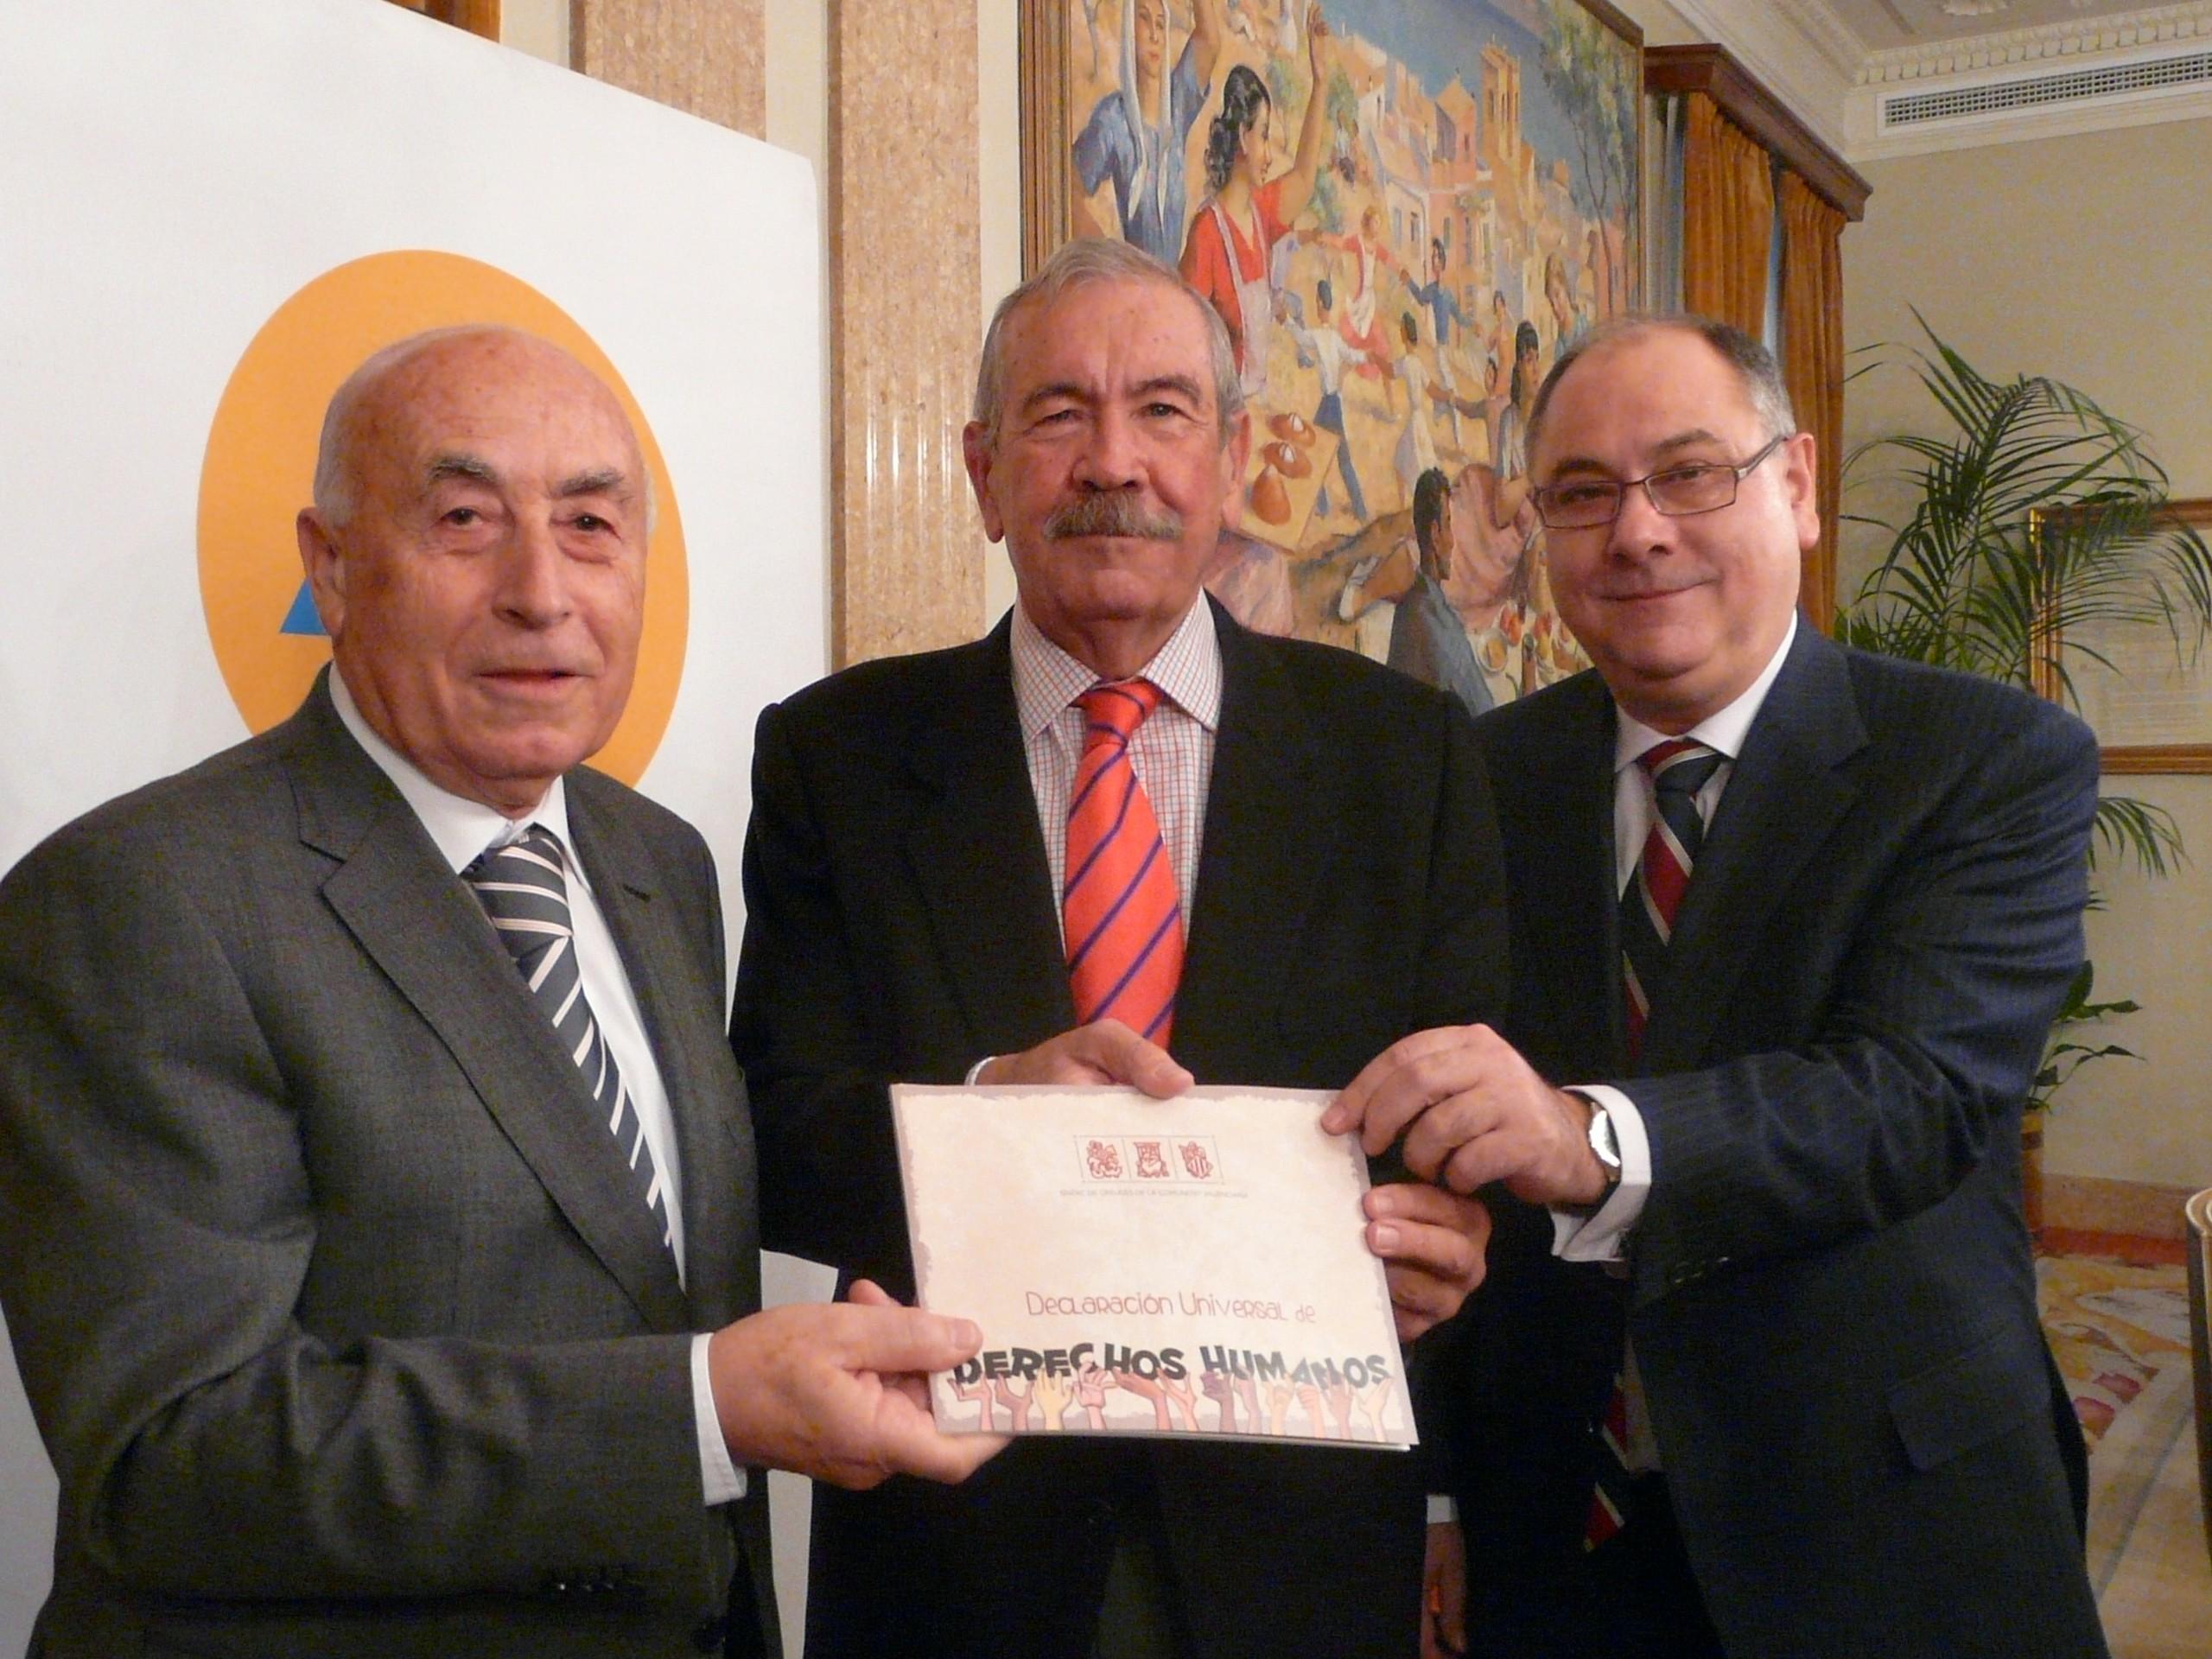 El síndic de Greuges y el presidente Territorial de la CAM presentan un libro sobre los derechos humanos